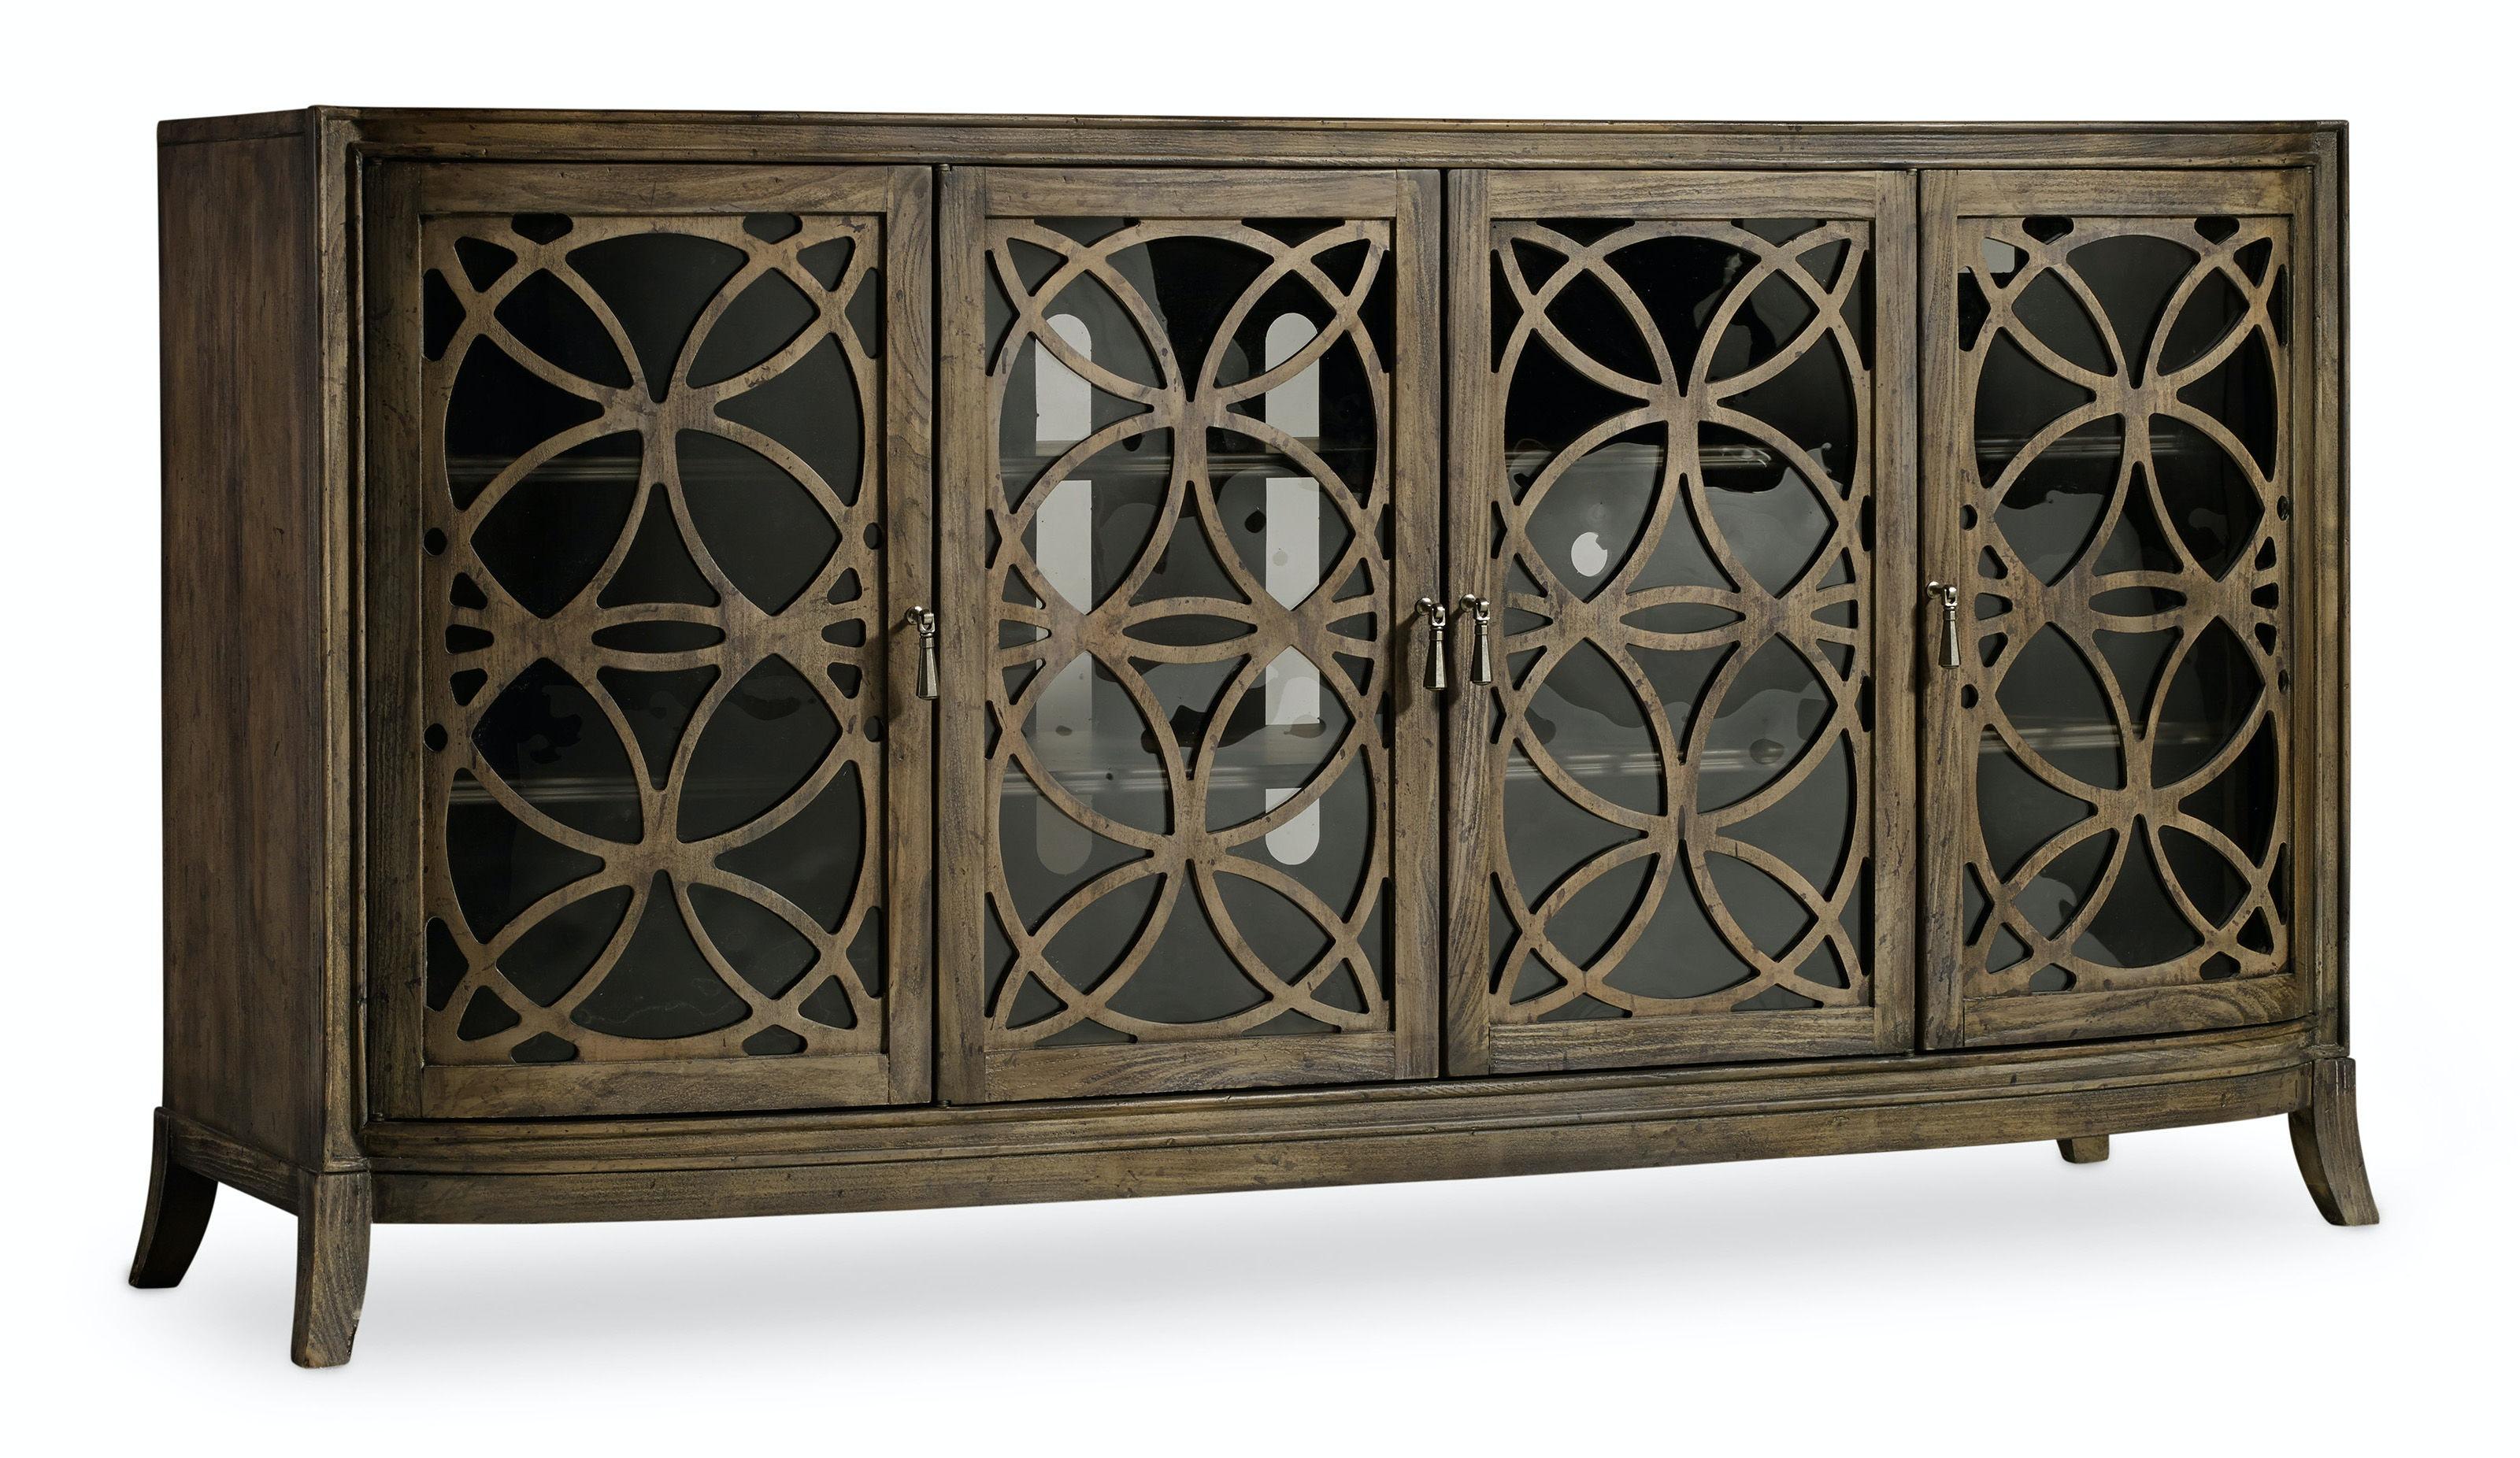 Awesome Hooker Furniture Melange Sloan Console 638 55010